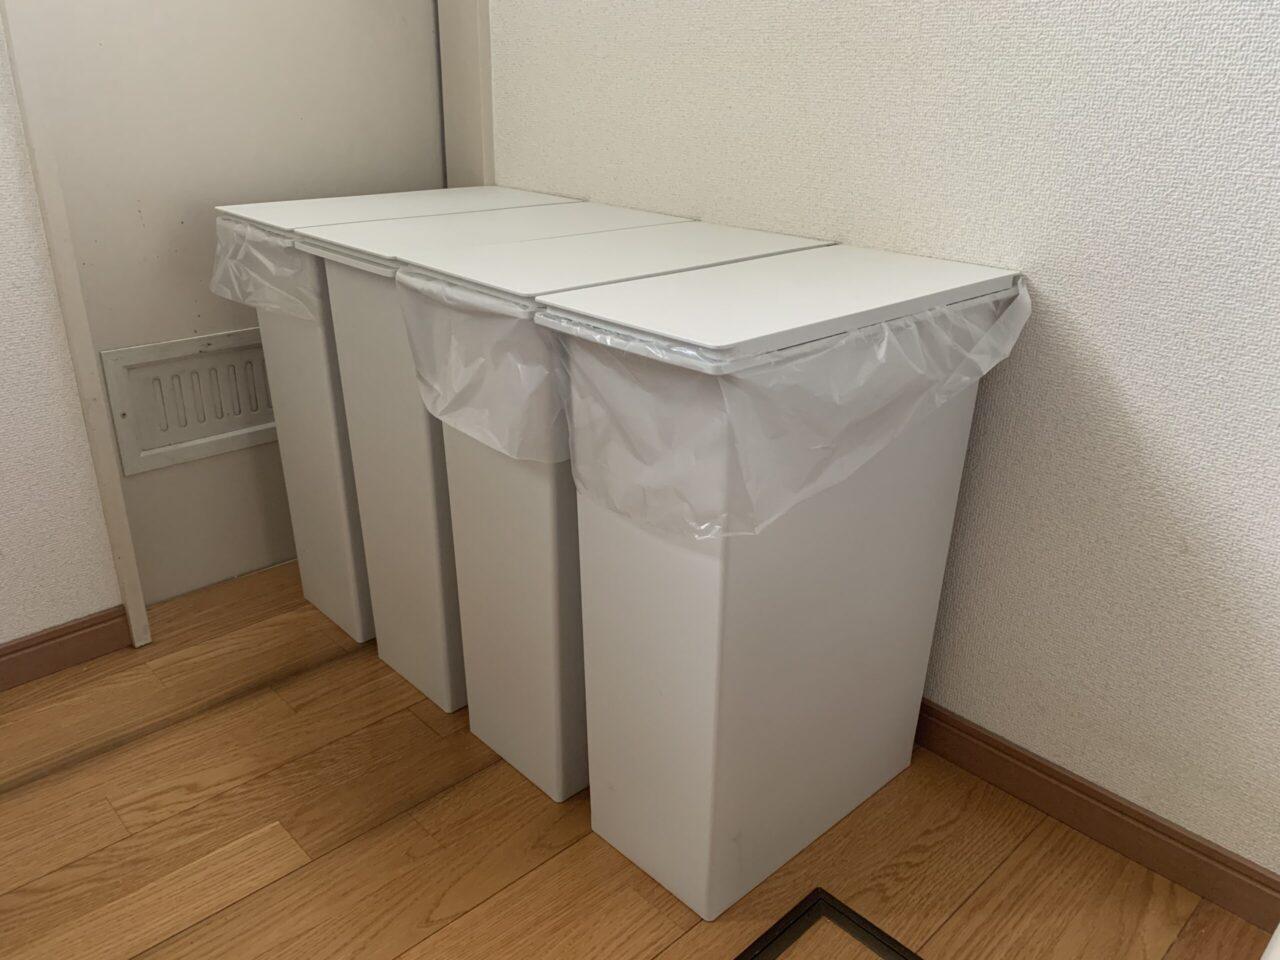 ミニマリストが手放して良かった物まとめ5選 ゴミ箱